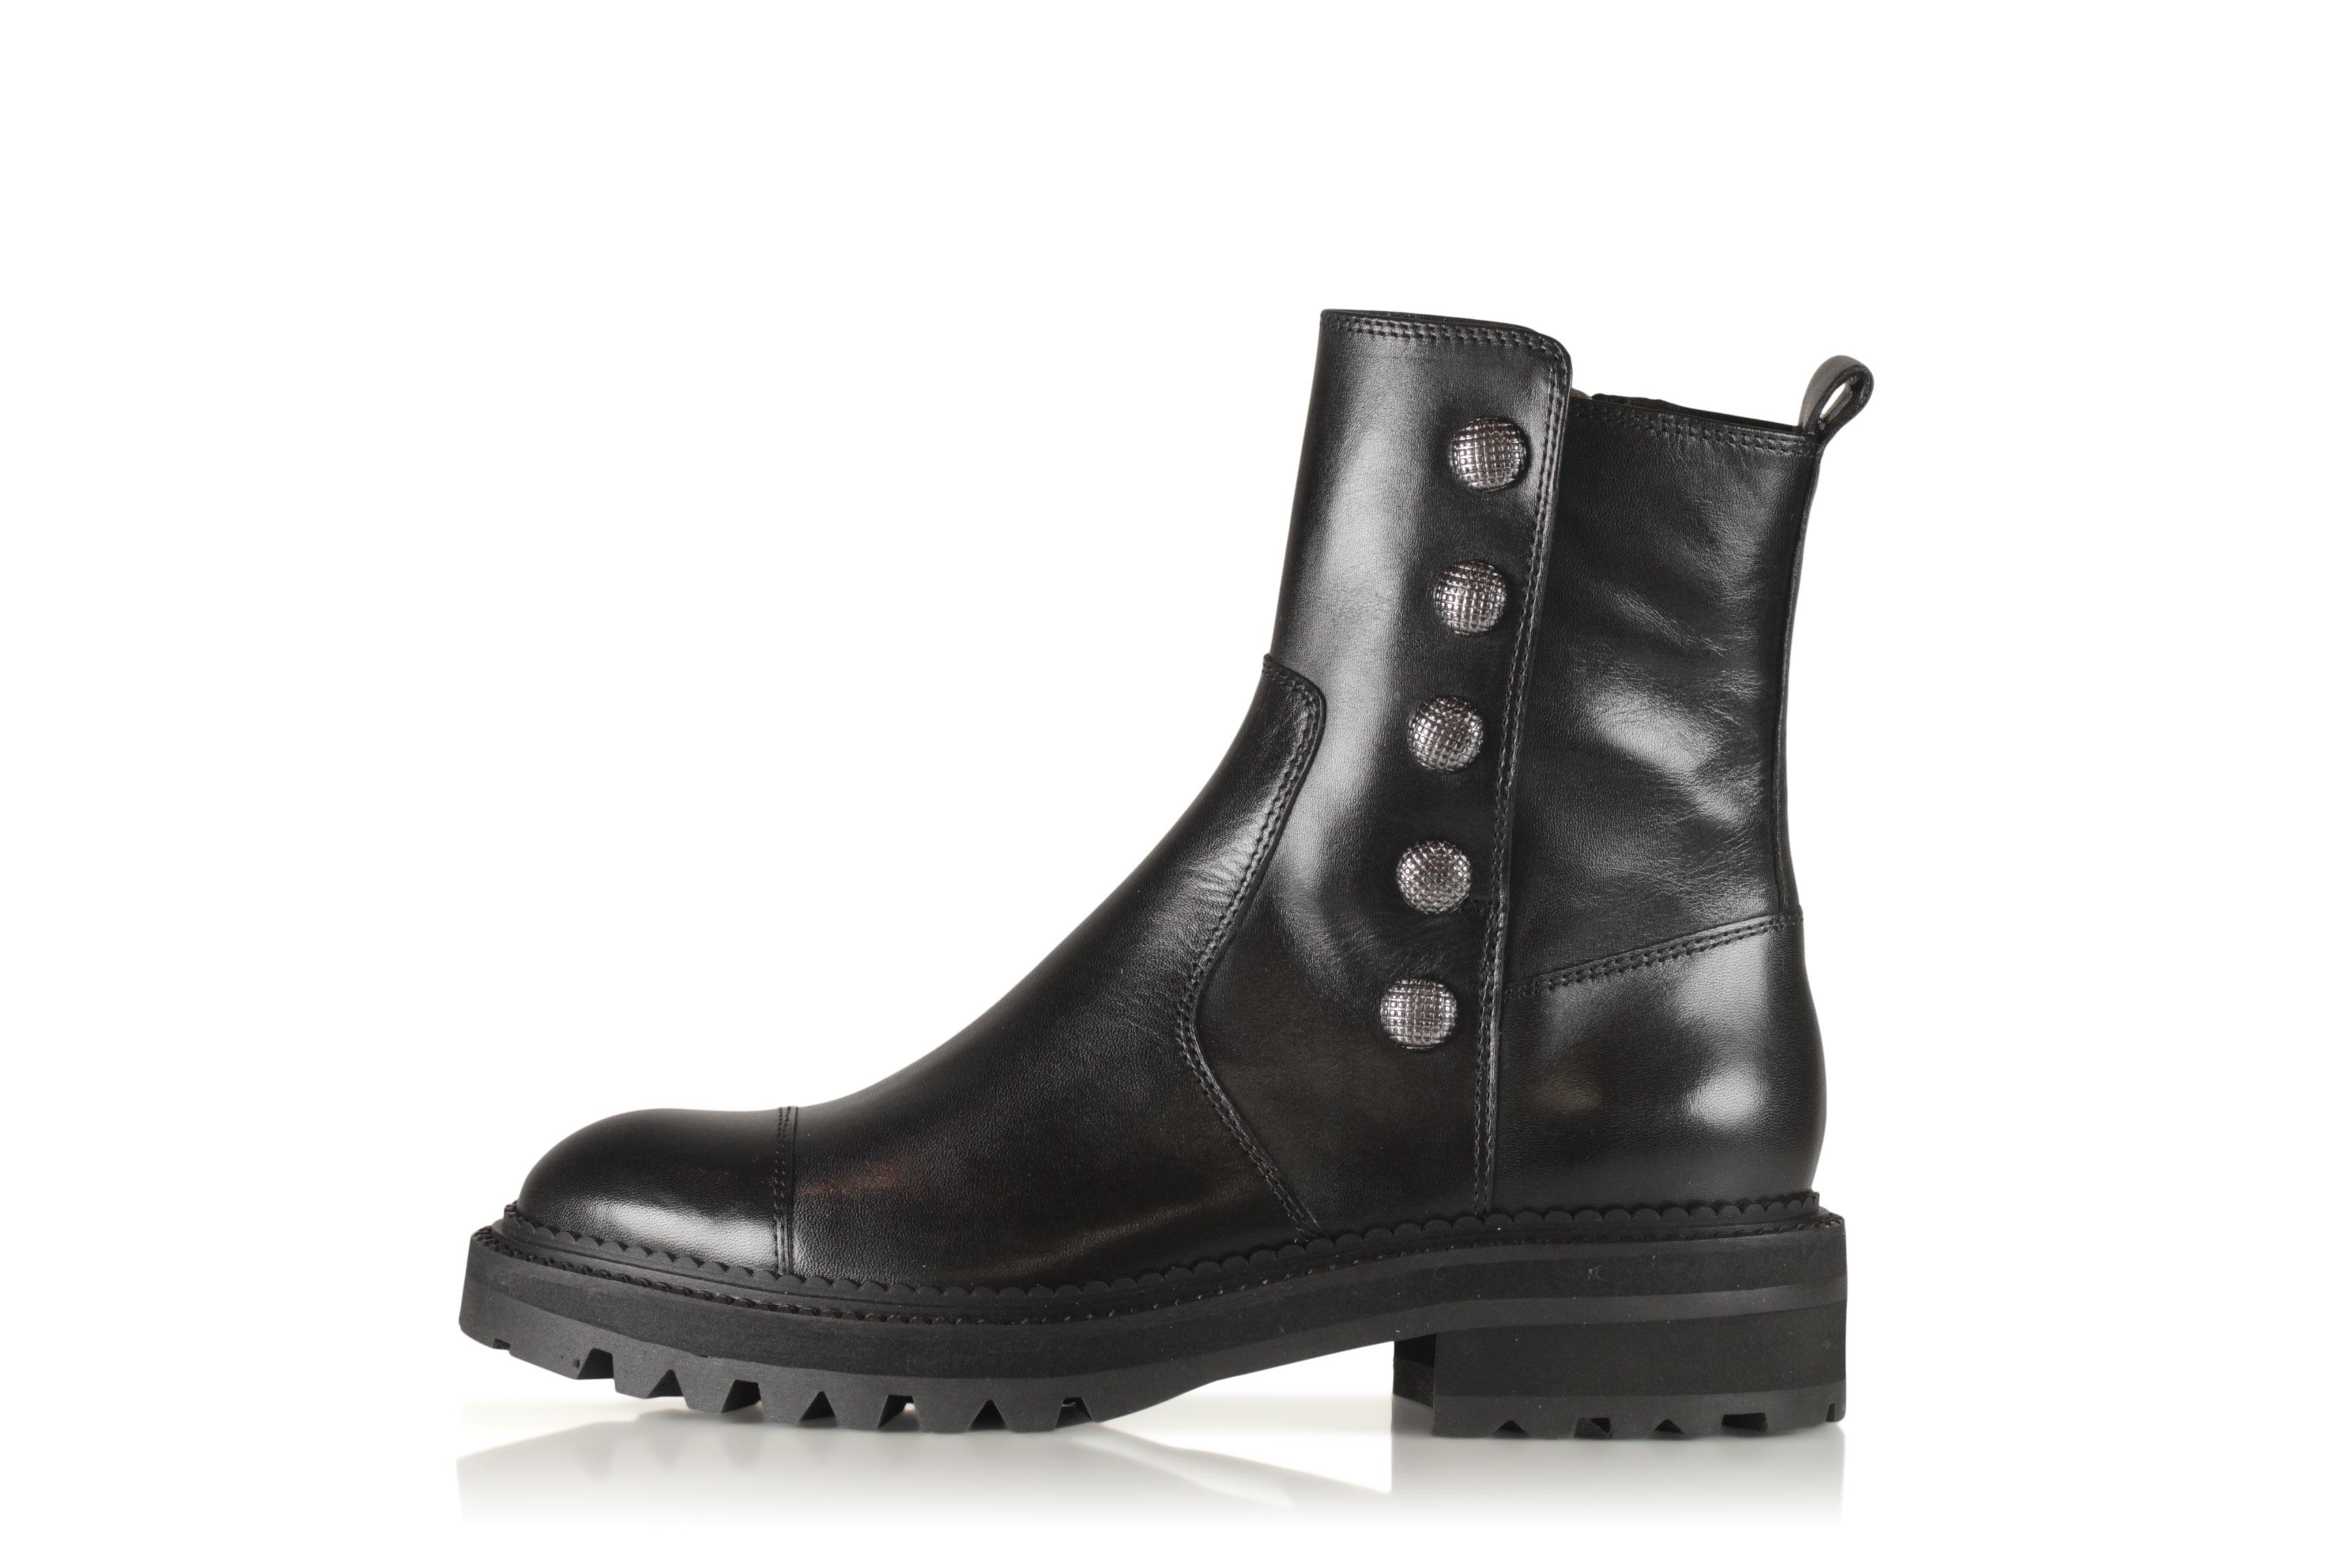 Billi Bi A1297 støvle